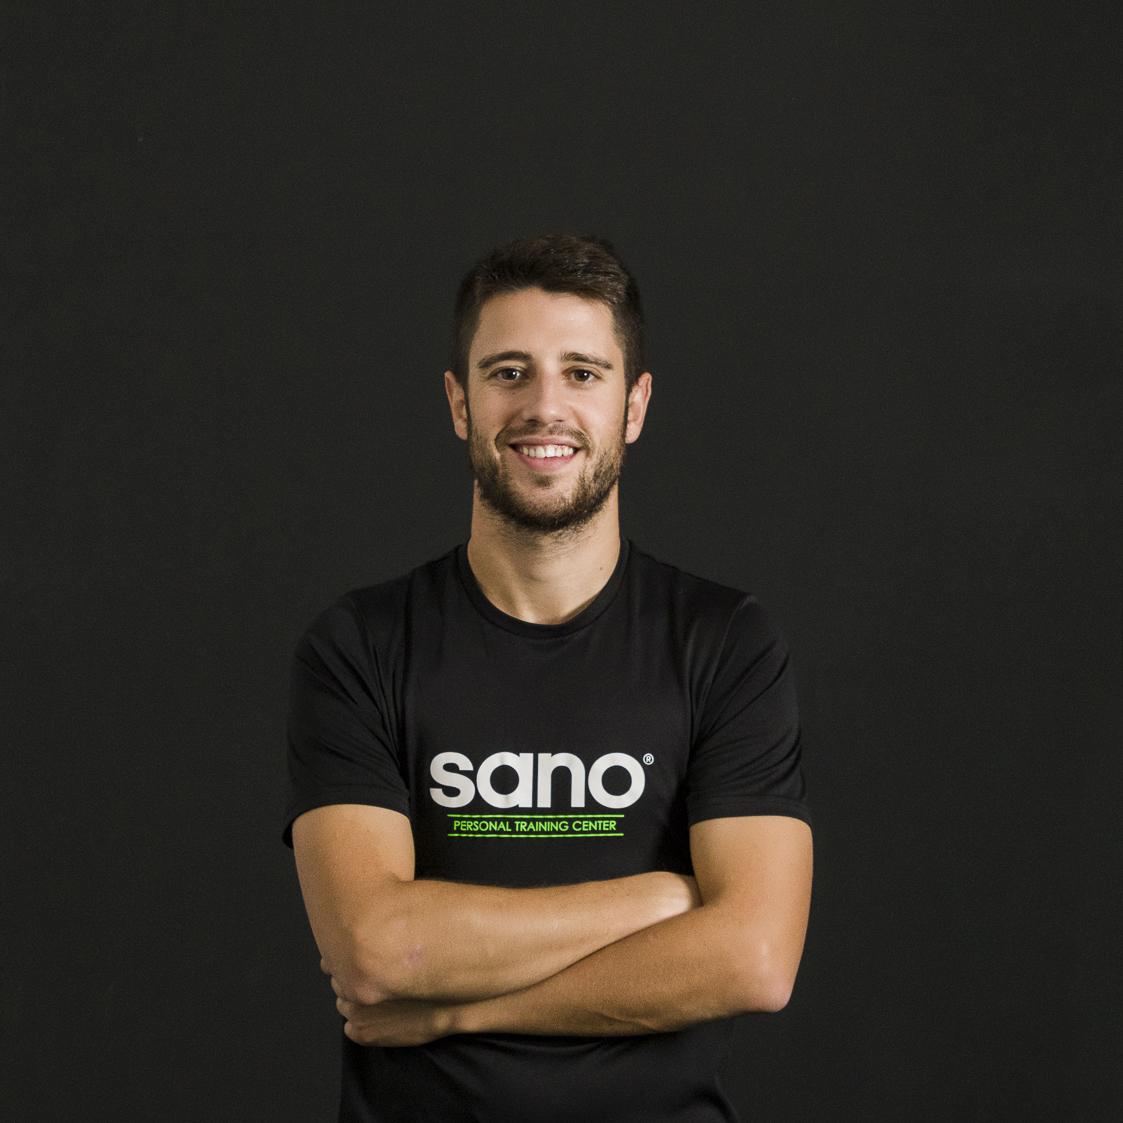 Juan Antonio Rubio